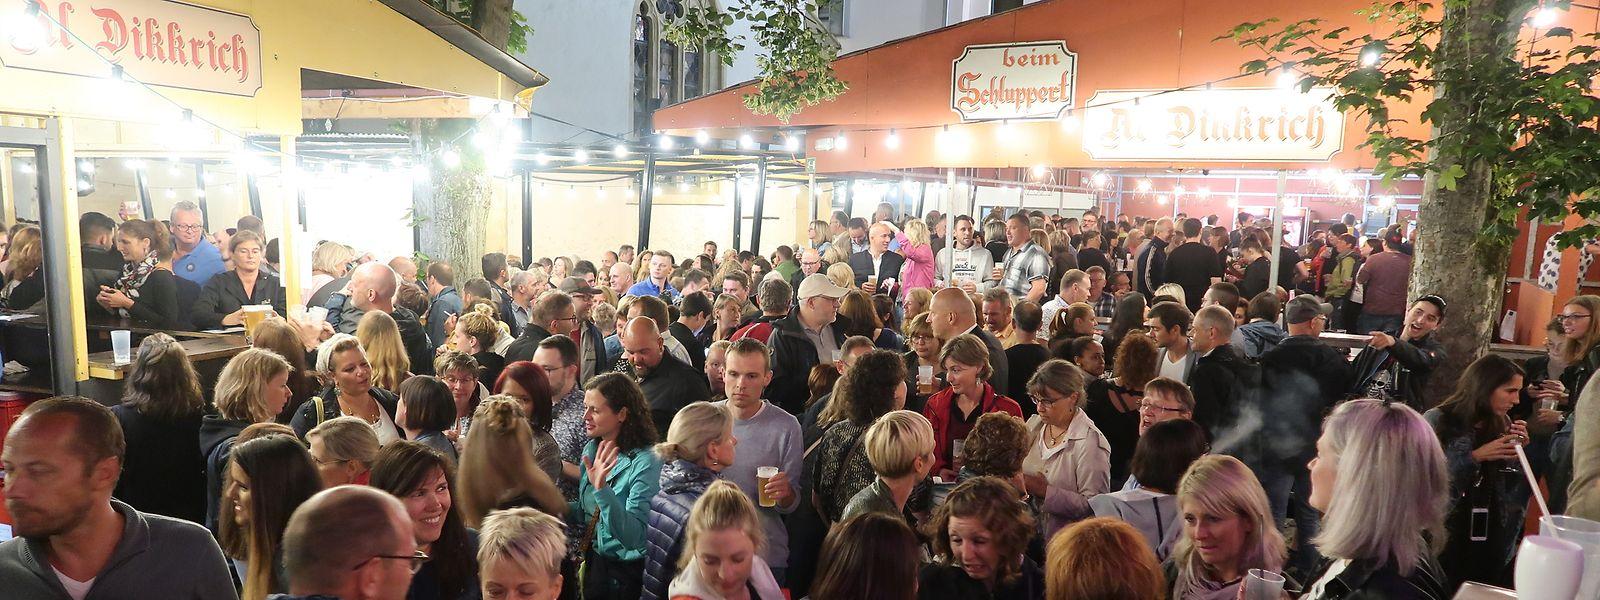 Das Volksfest Al Dikkrich zieht jedes Jahr Tausende Besucher an.